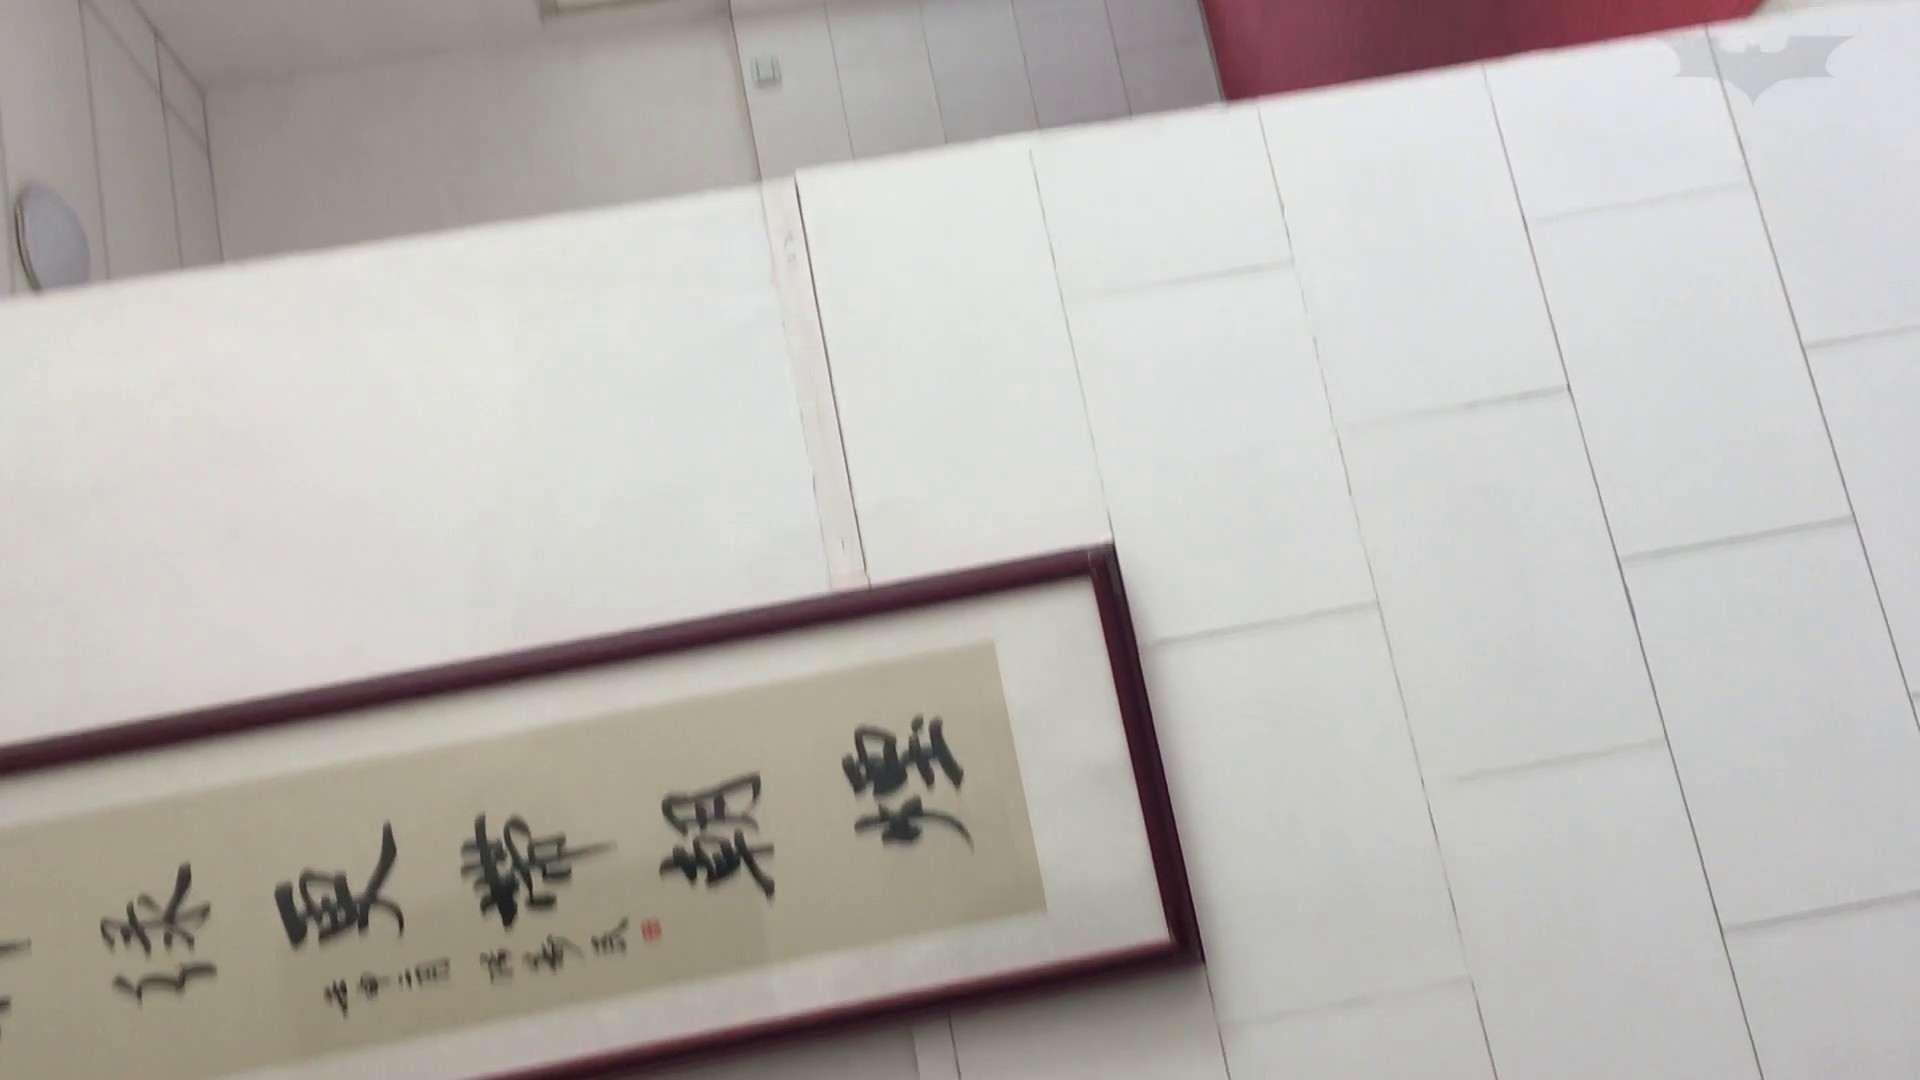 芸術大学ガチ潜入盗撮 JD盗撮 美女の洗面所の秘密 Vol.91 トイレ  84pic 30